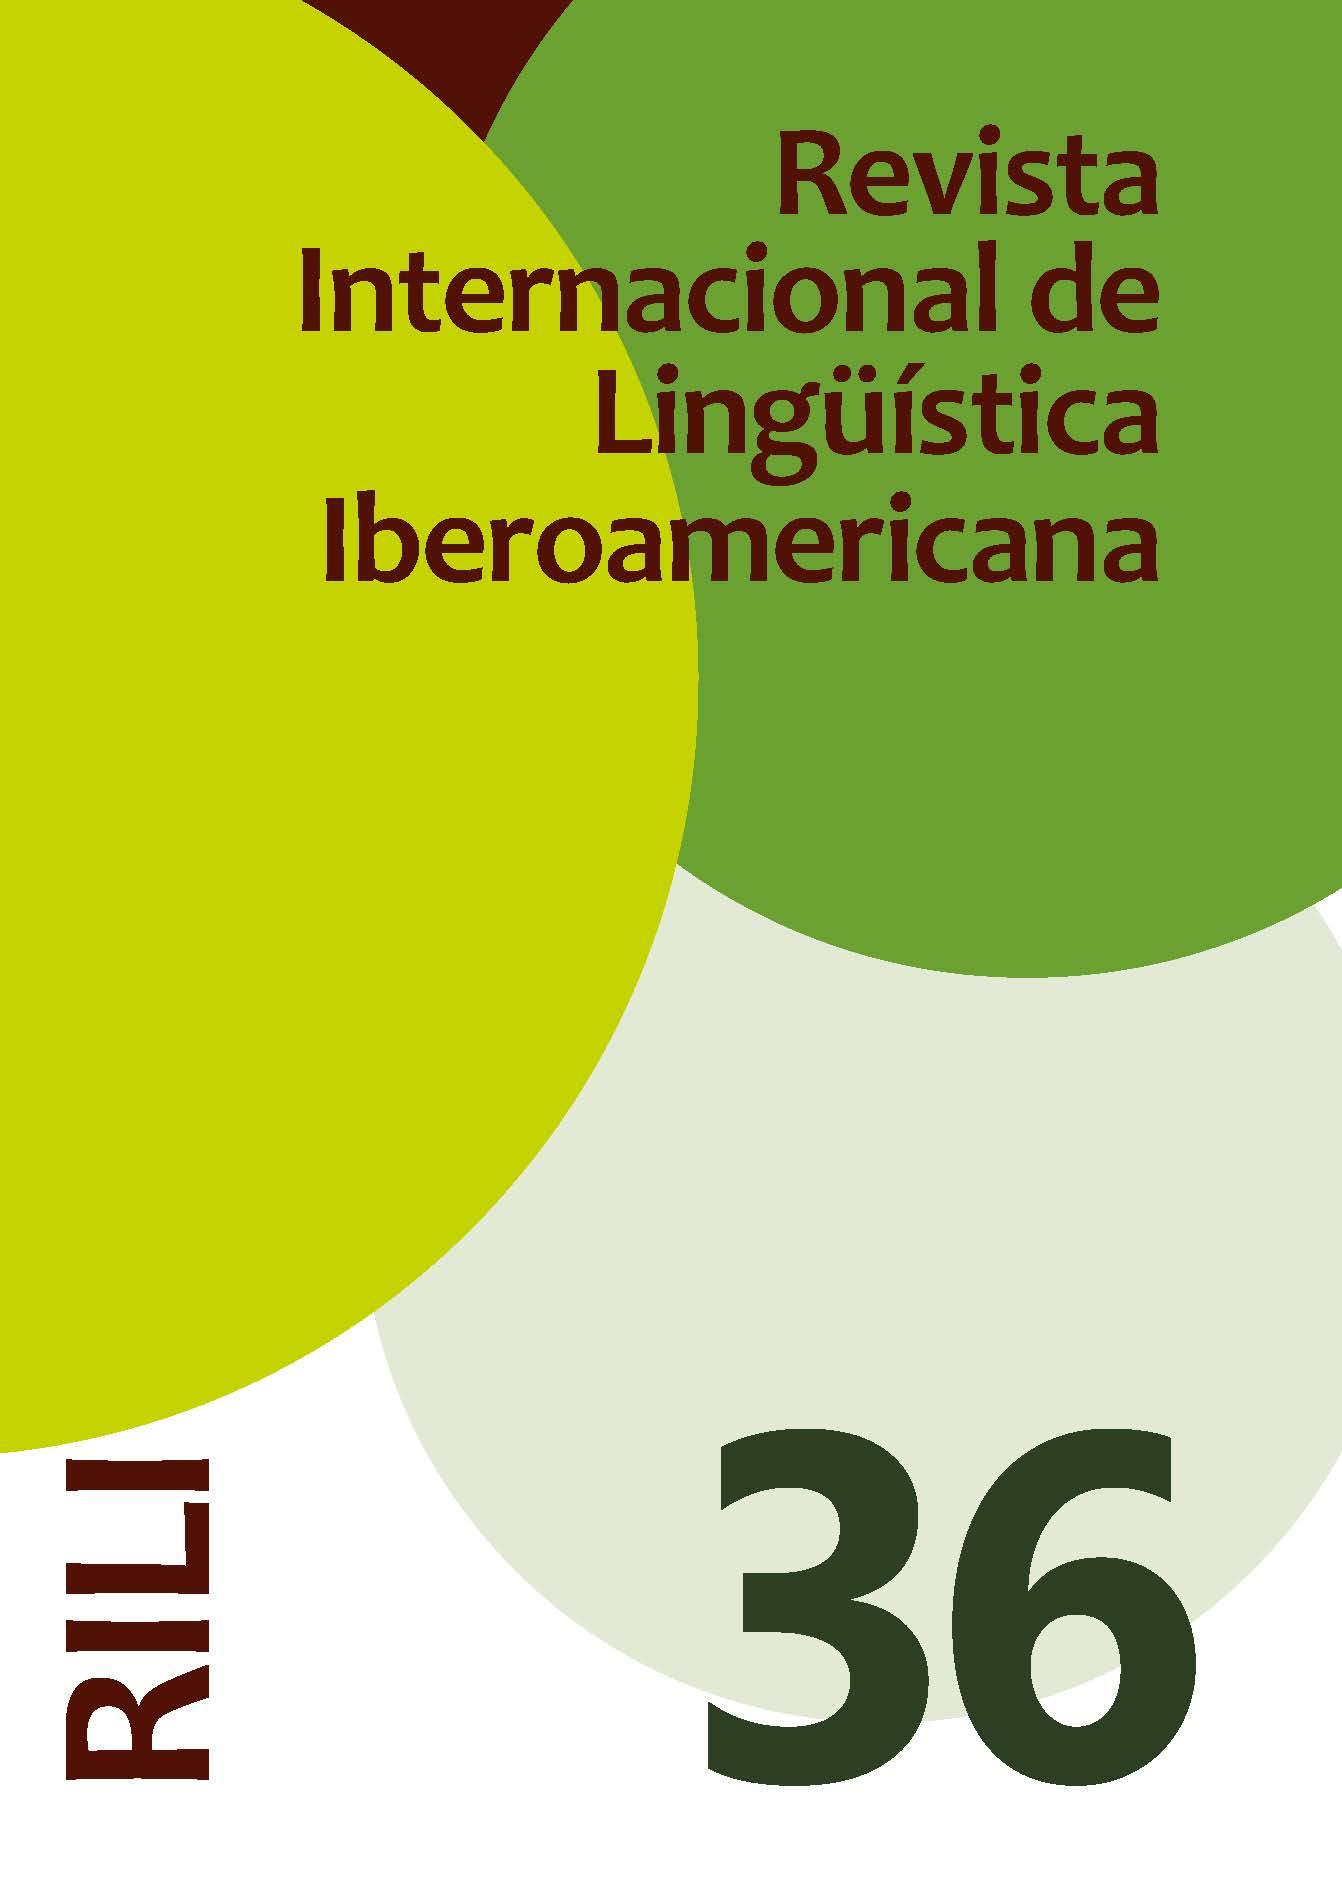 https://www.iberoamericana-vervuert.es/portadas/R178338.jpg